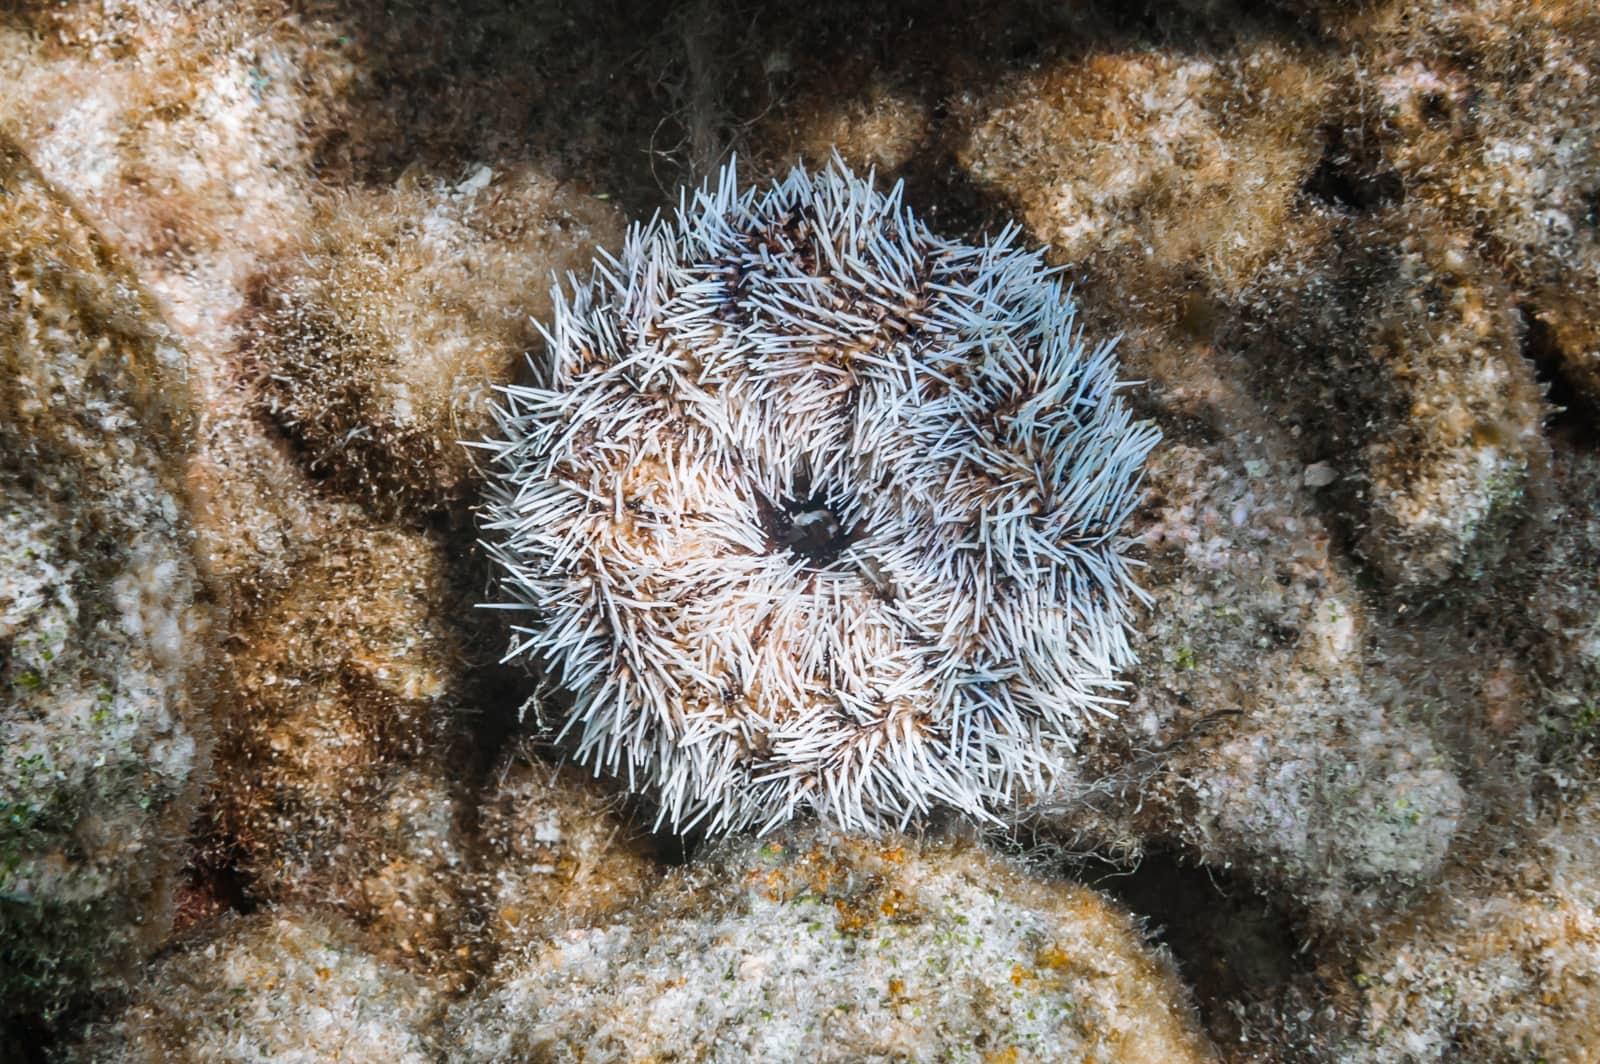 White sea urchin (Tripneustes ventricosus)